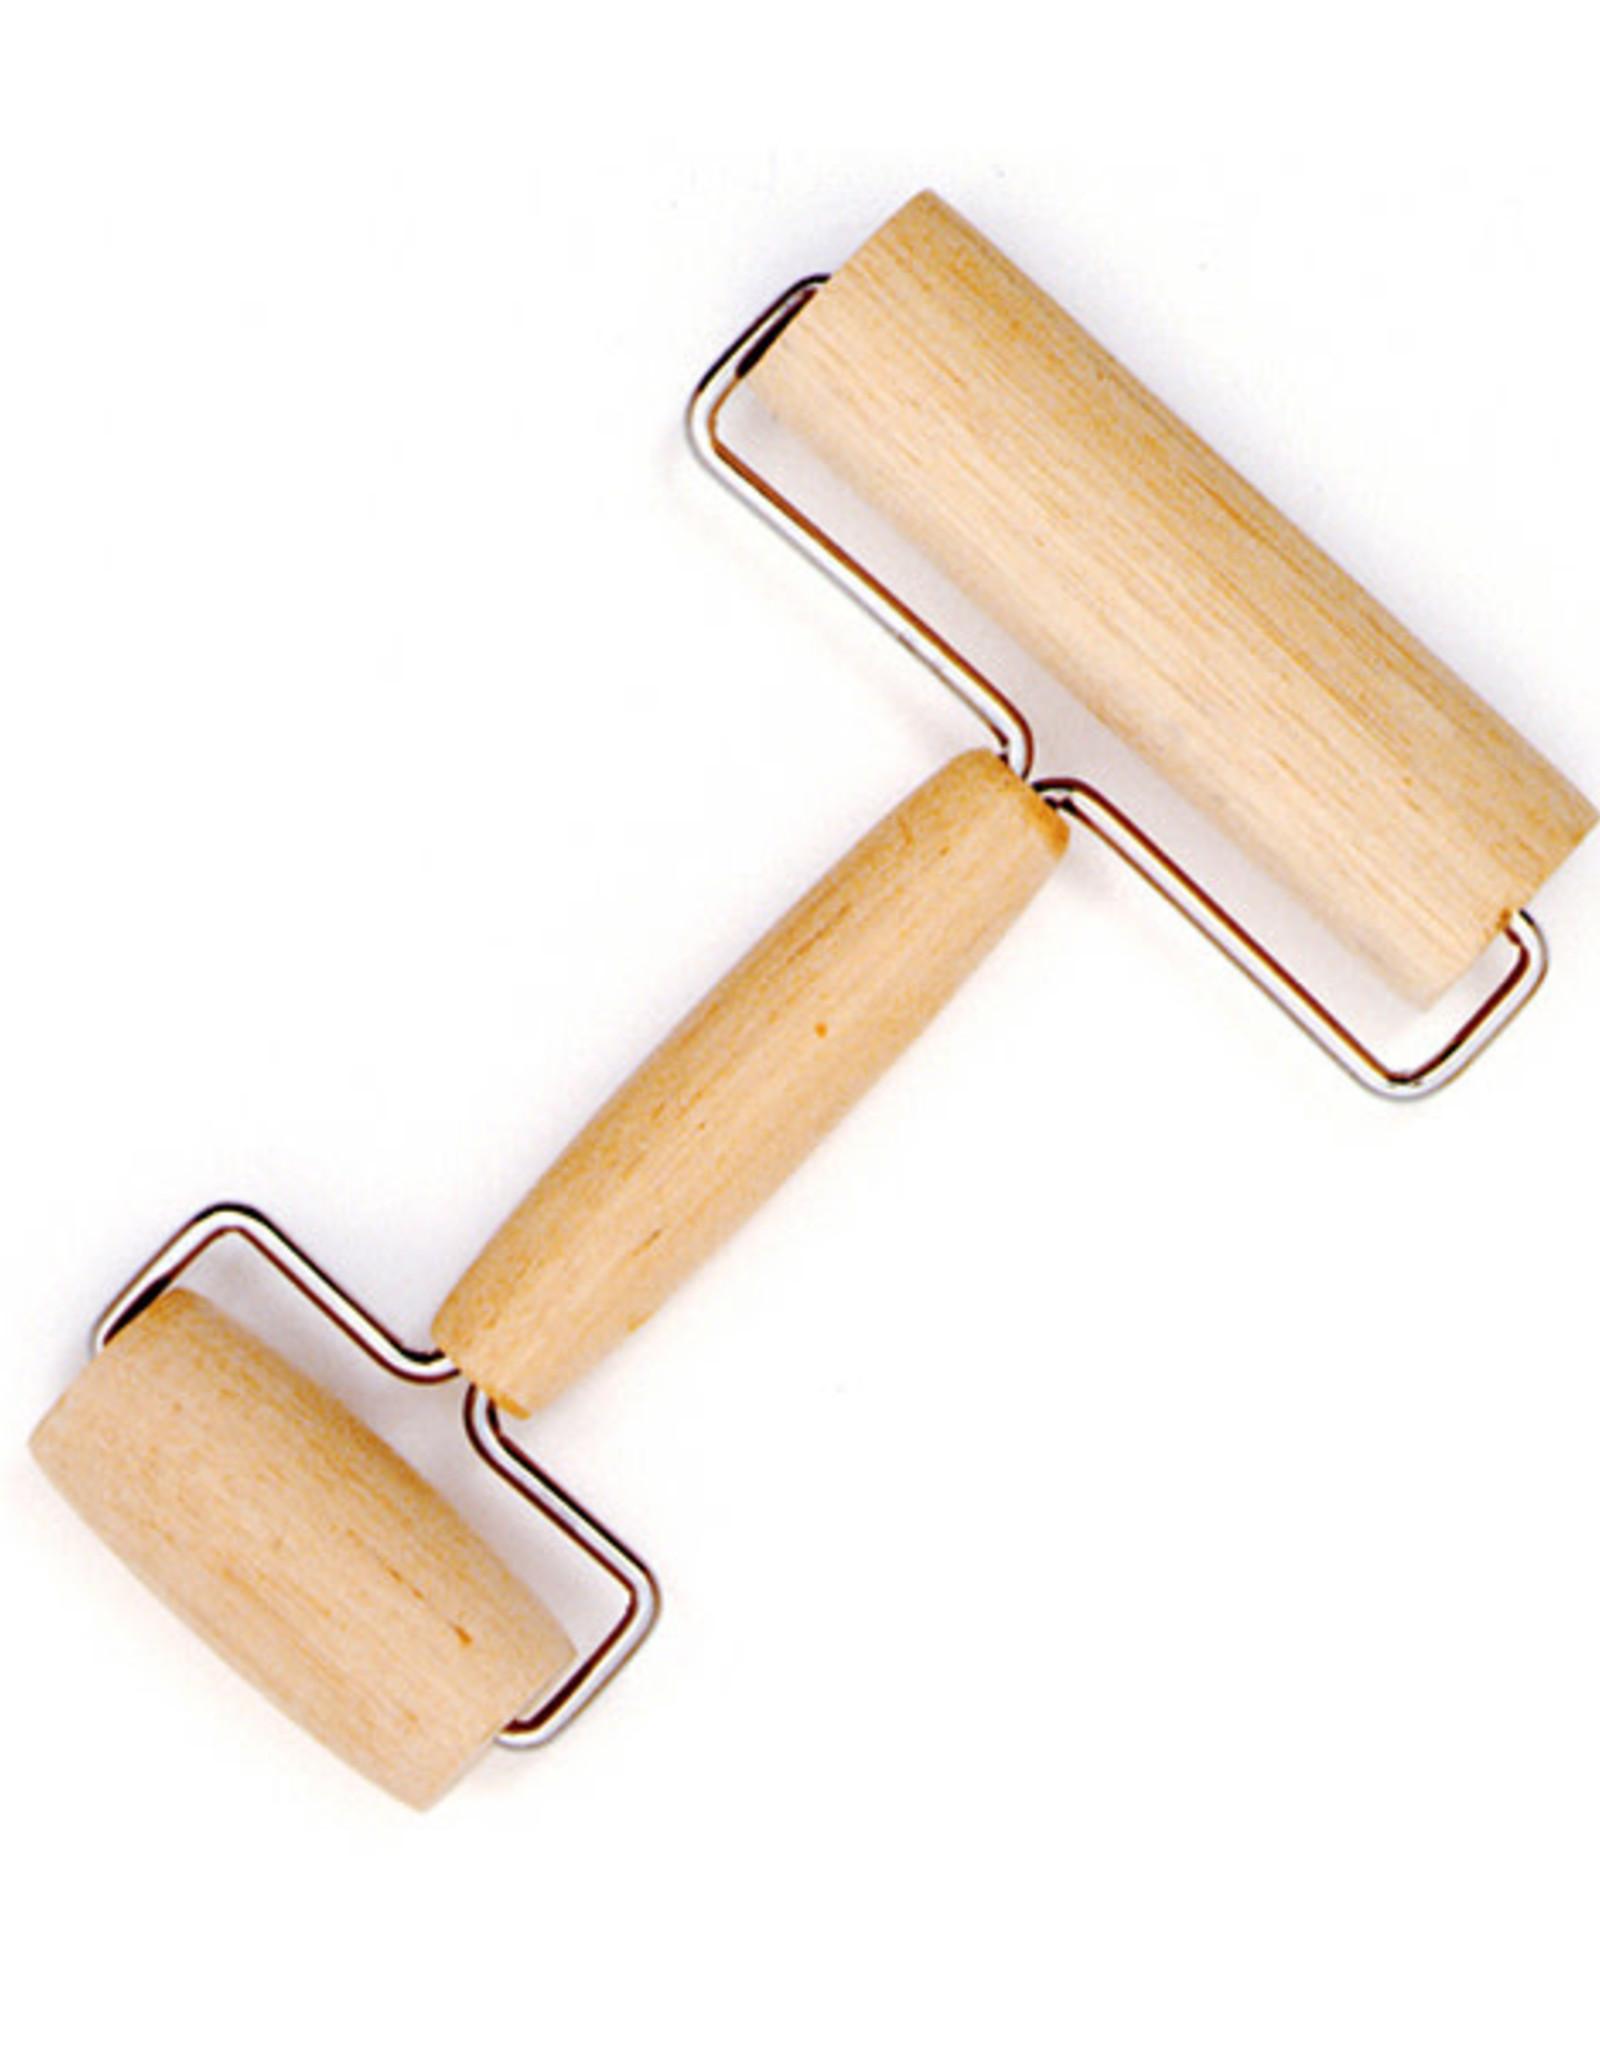 Norpro Rouleau à pâte double en bois